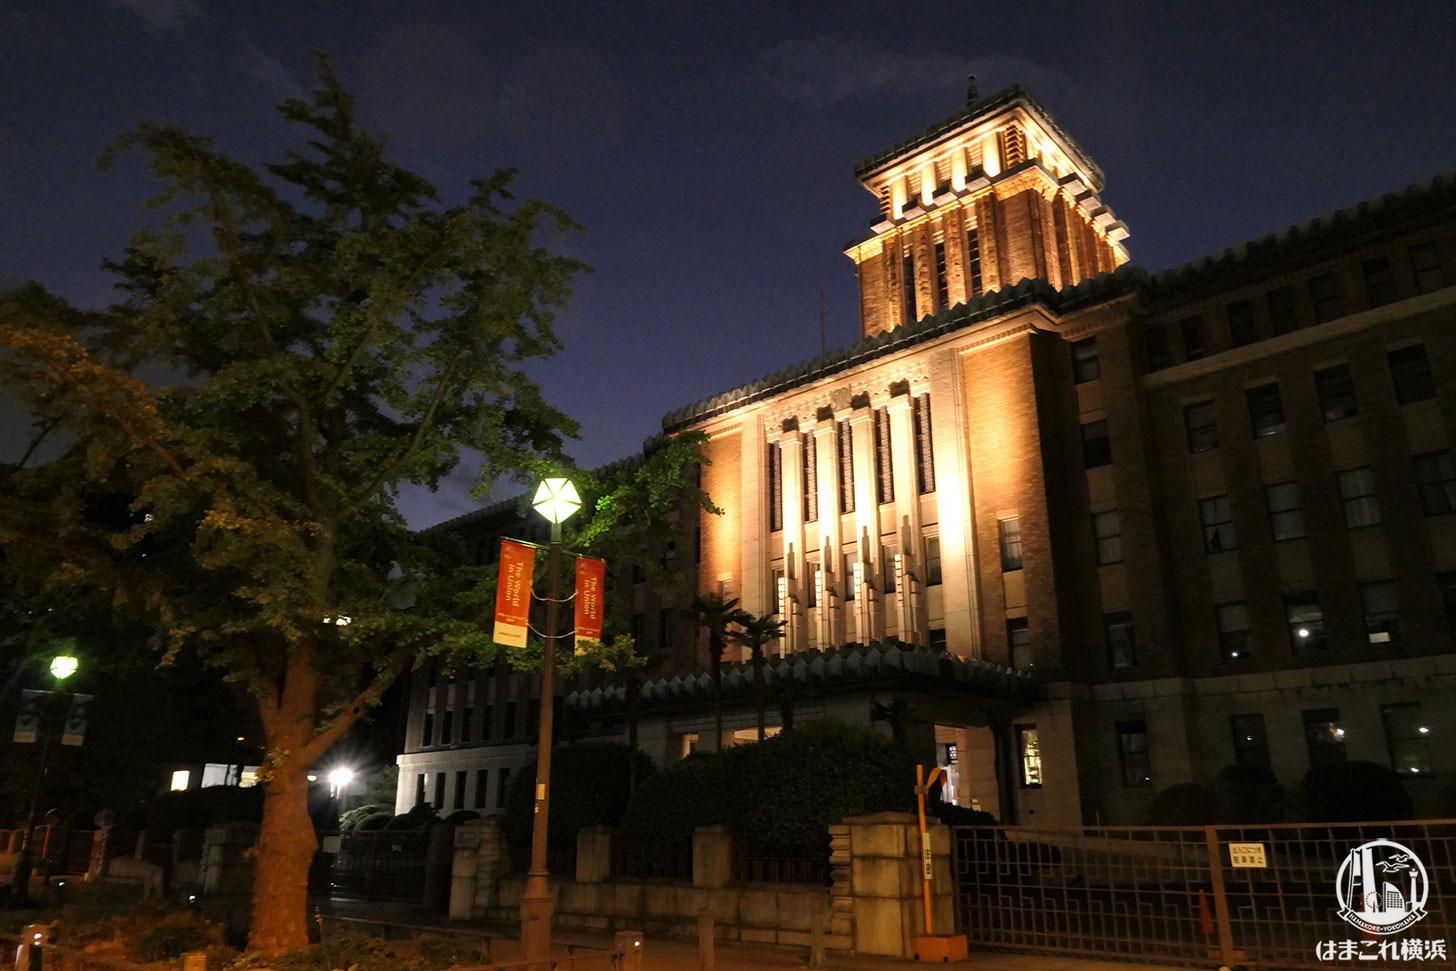 神奈川県庁本庁舎 特別演出ライトアップ